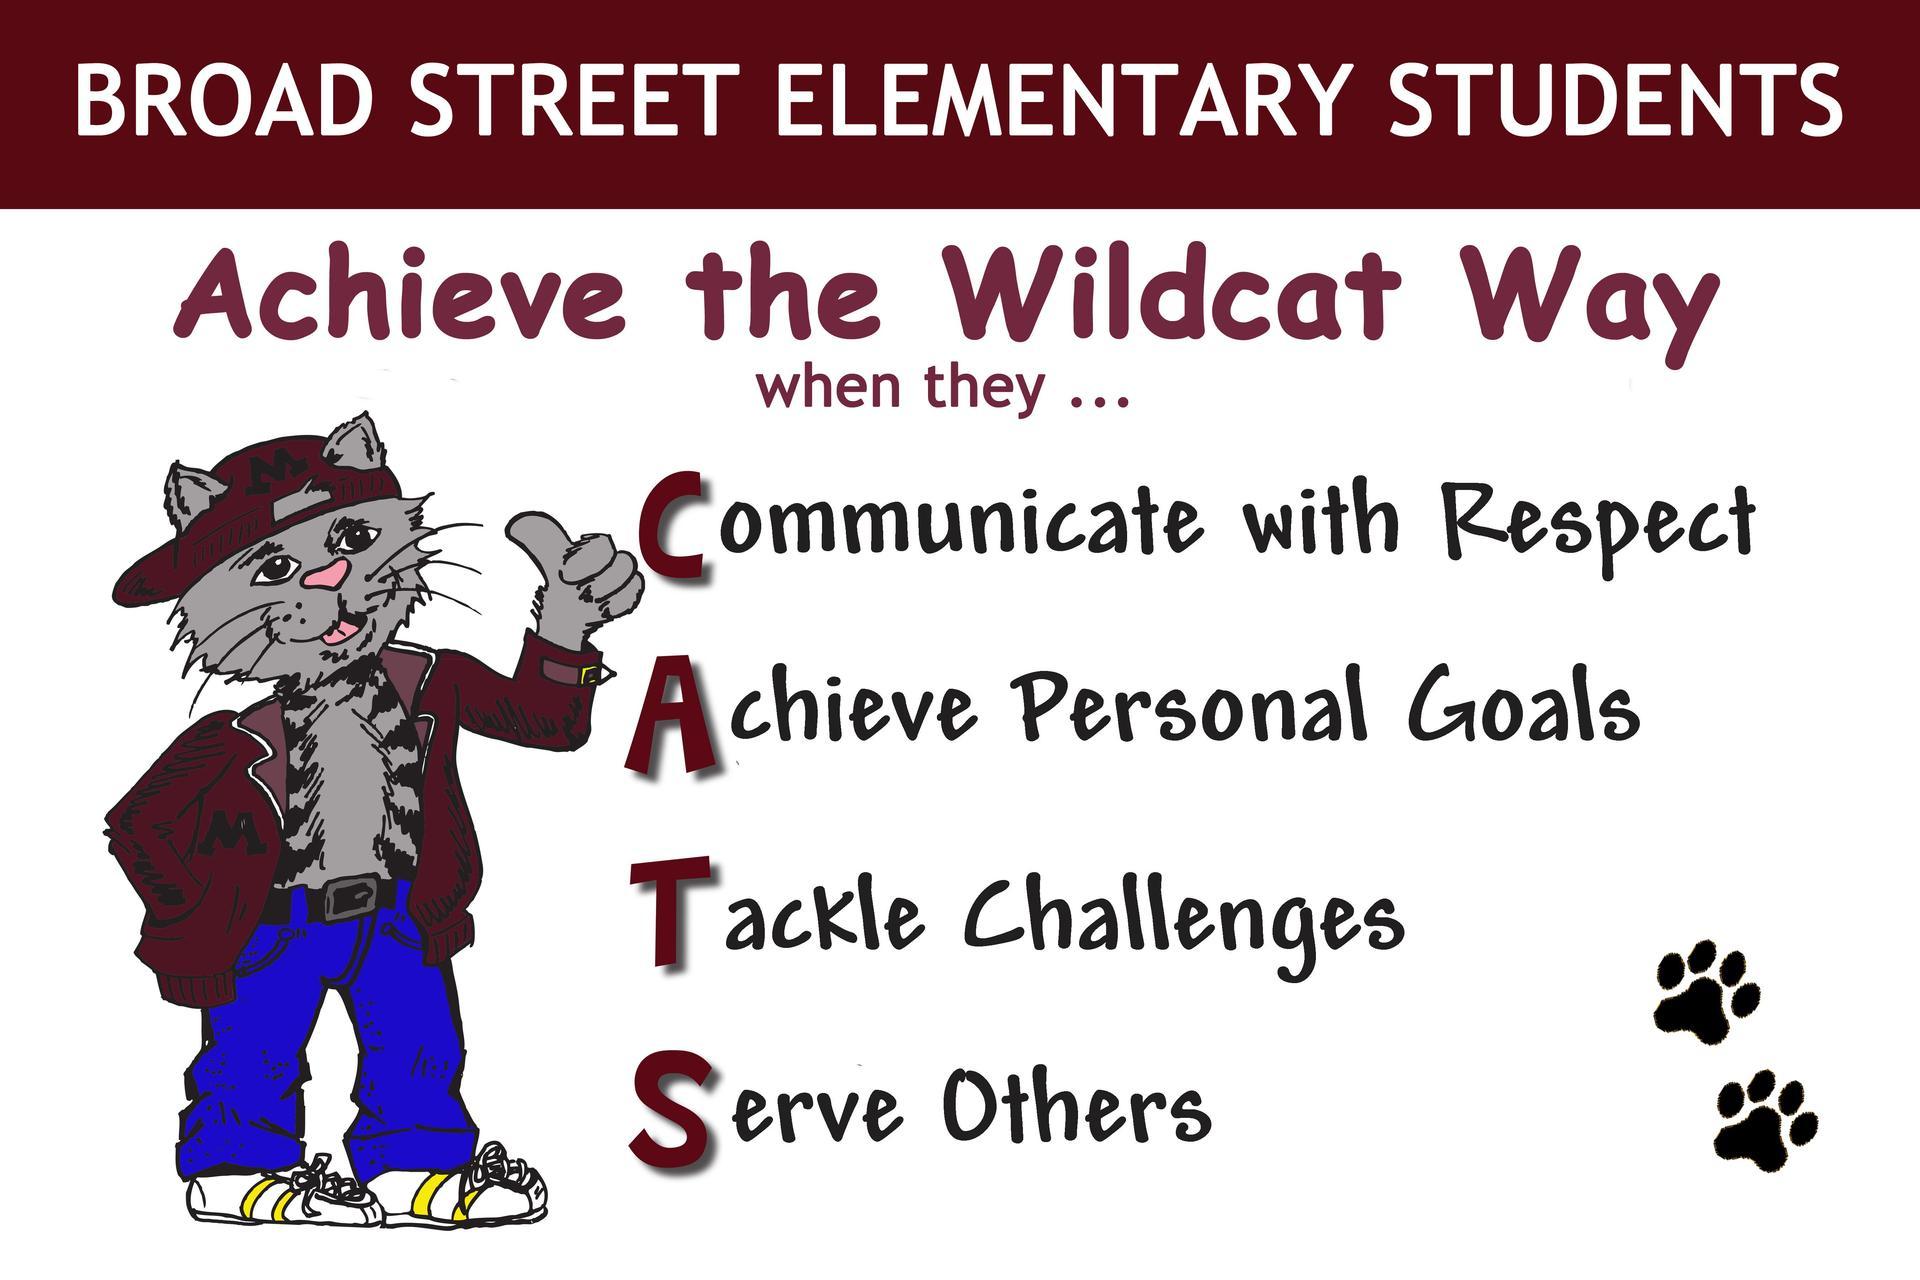 Wildcat Way